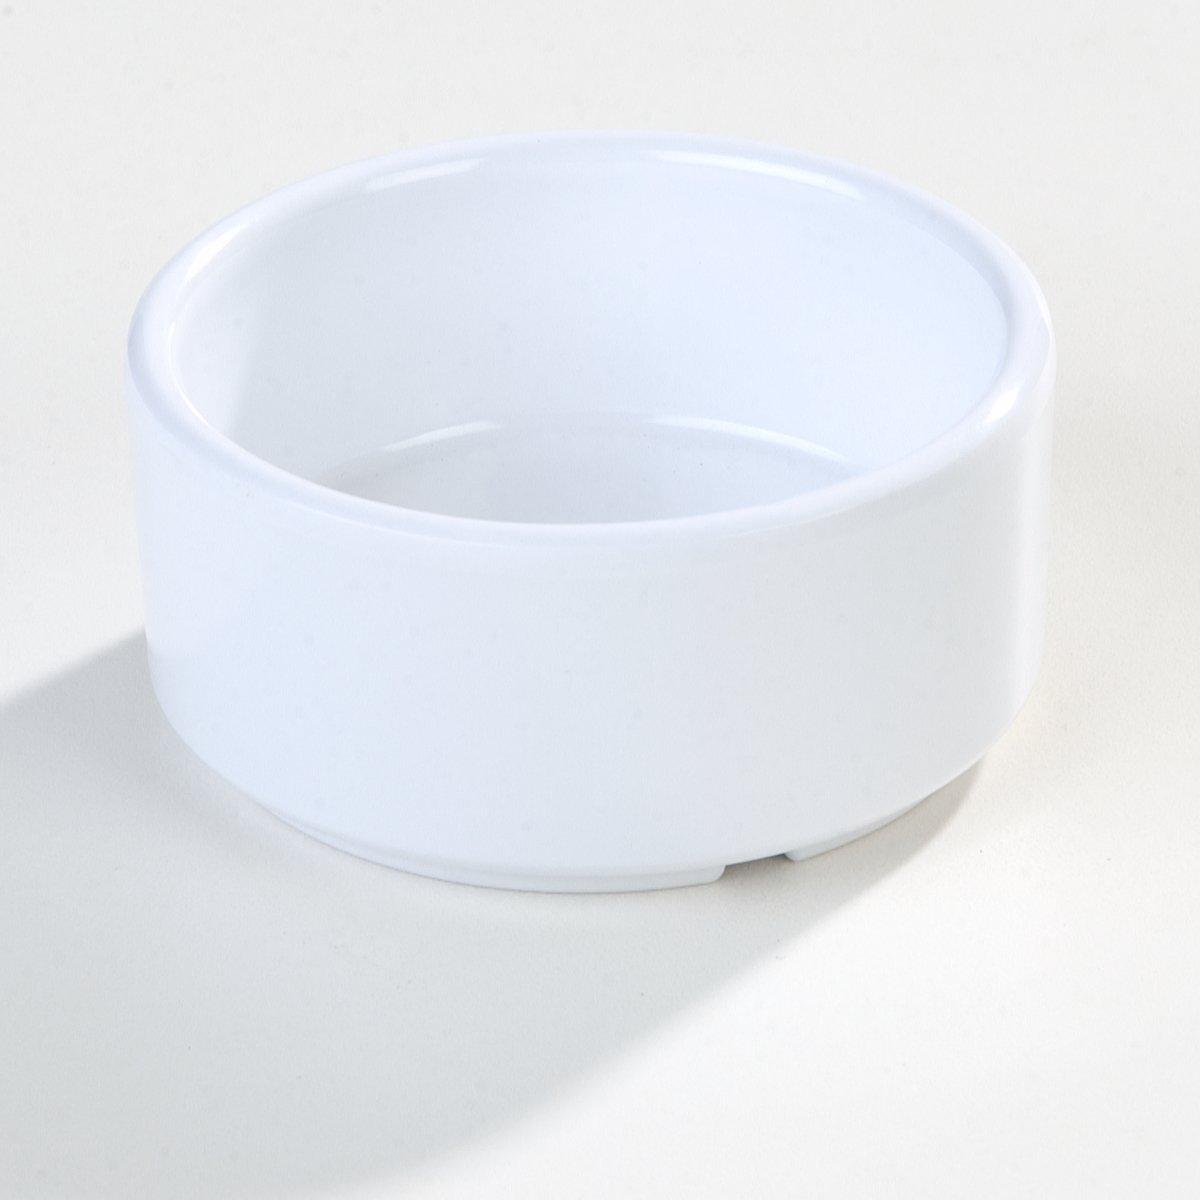 Carlisle 41402 White Melamine Straight-Sided Ramekin (Case of 48) by Carlisle (Image #8)